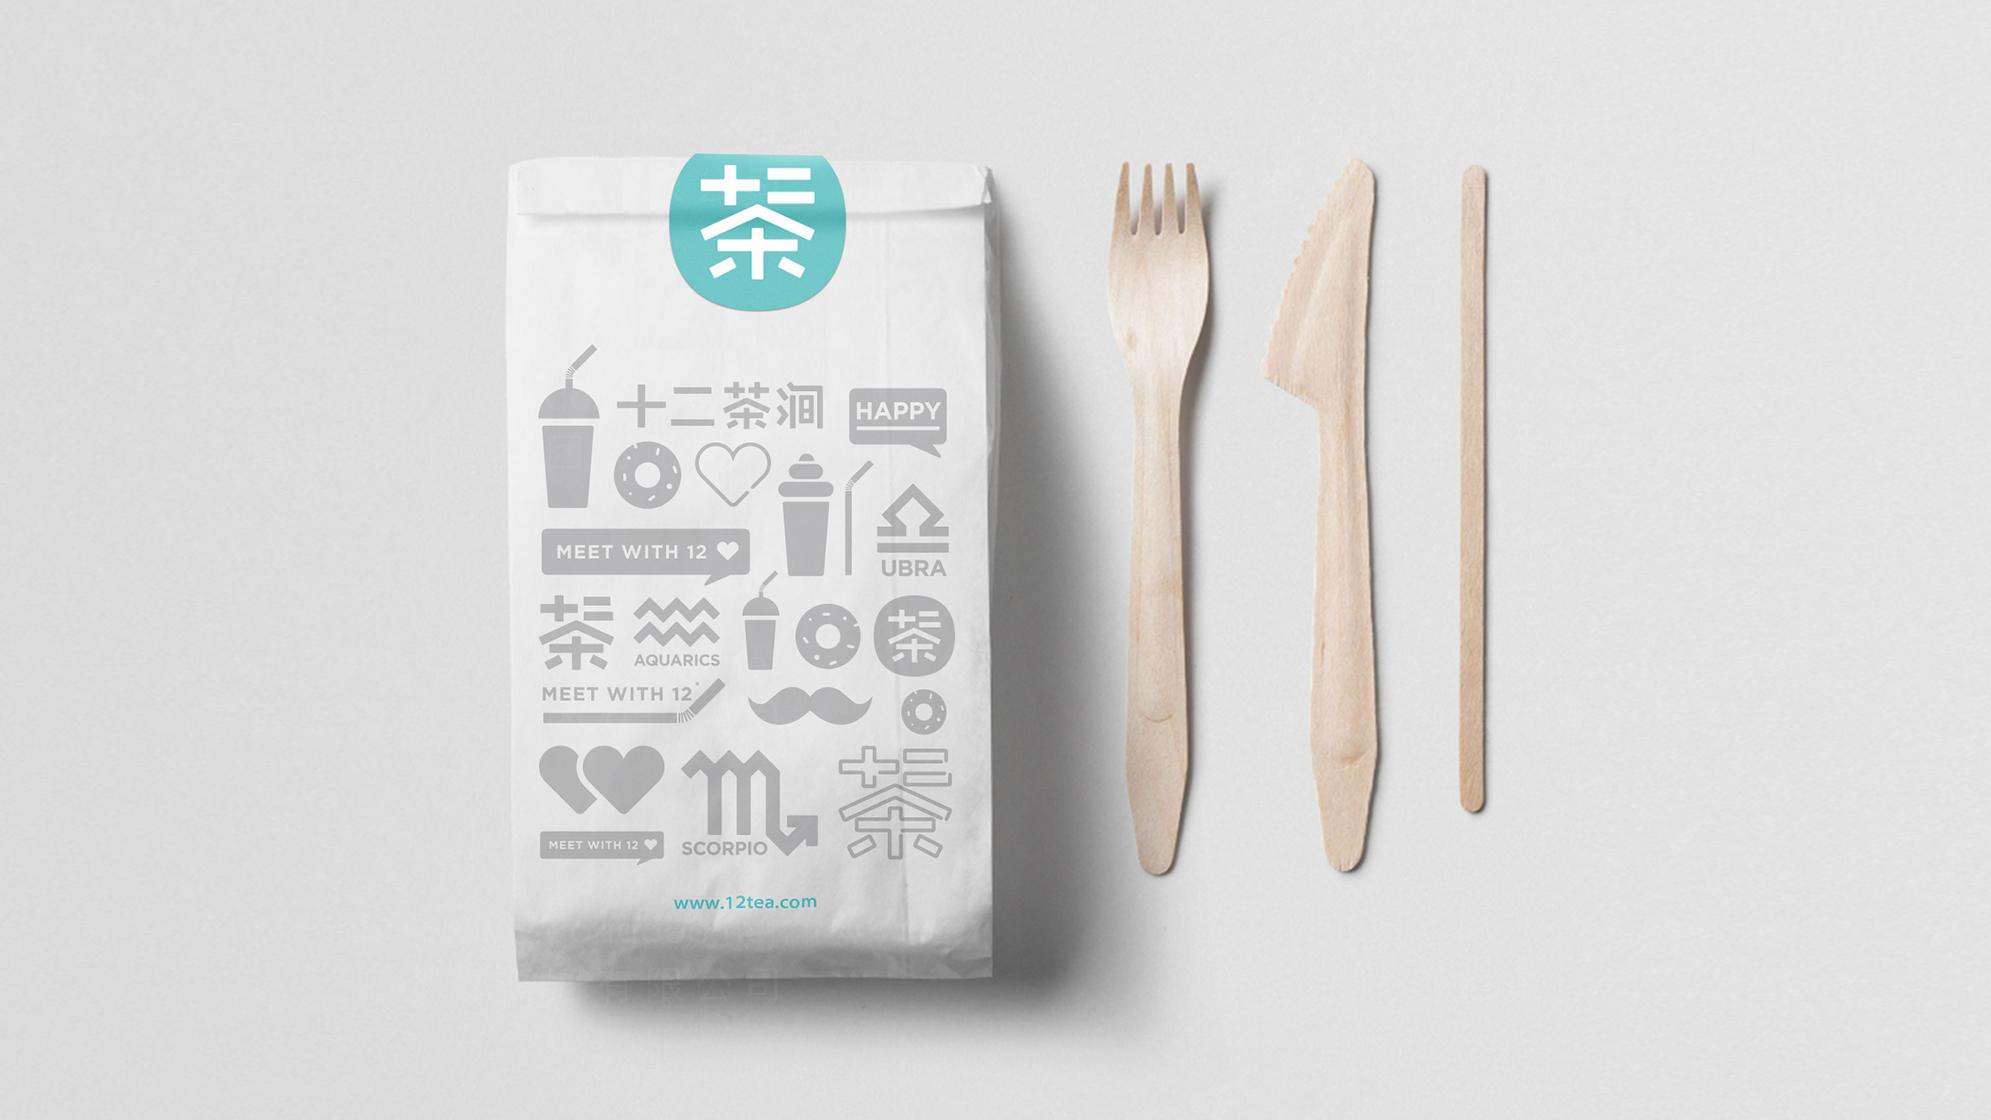 品牌设计十二茶涧LOGO&VI设计应用场景_8